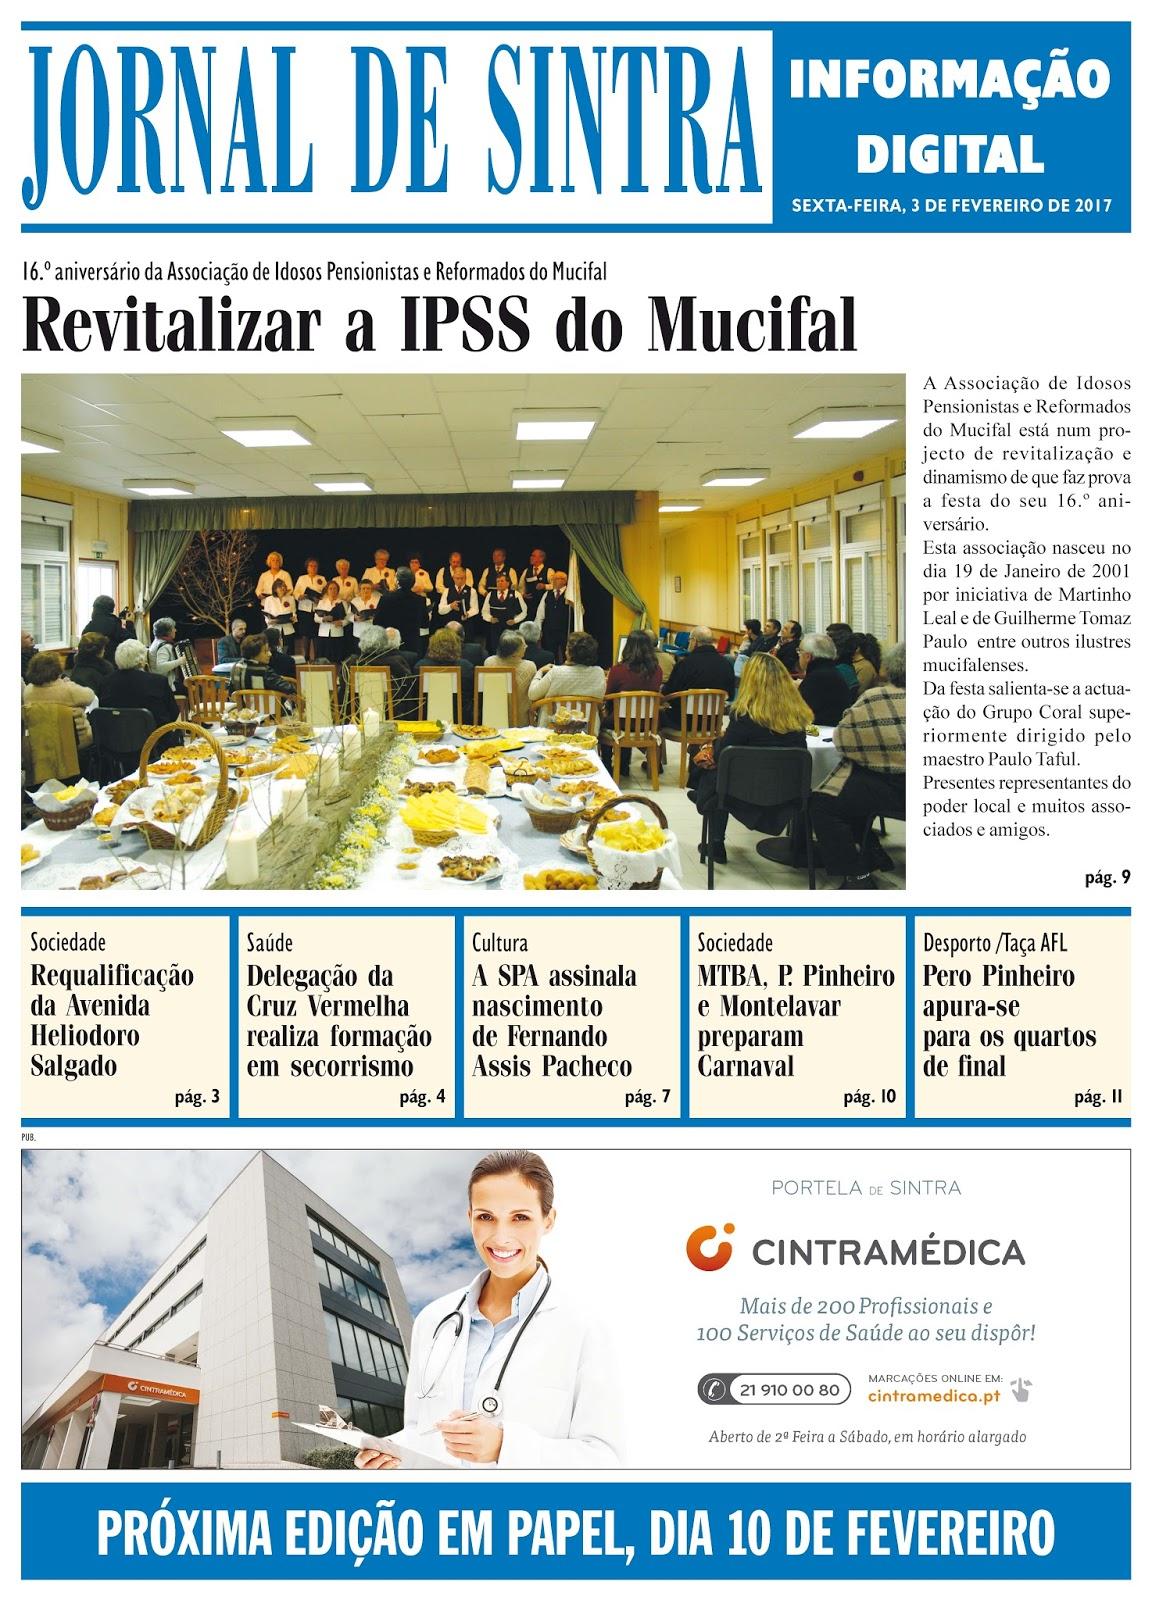 Capa da edição de 03-02-2017